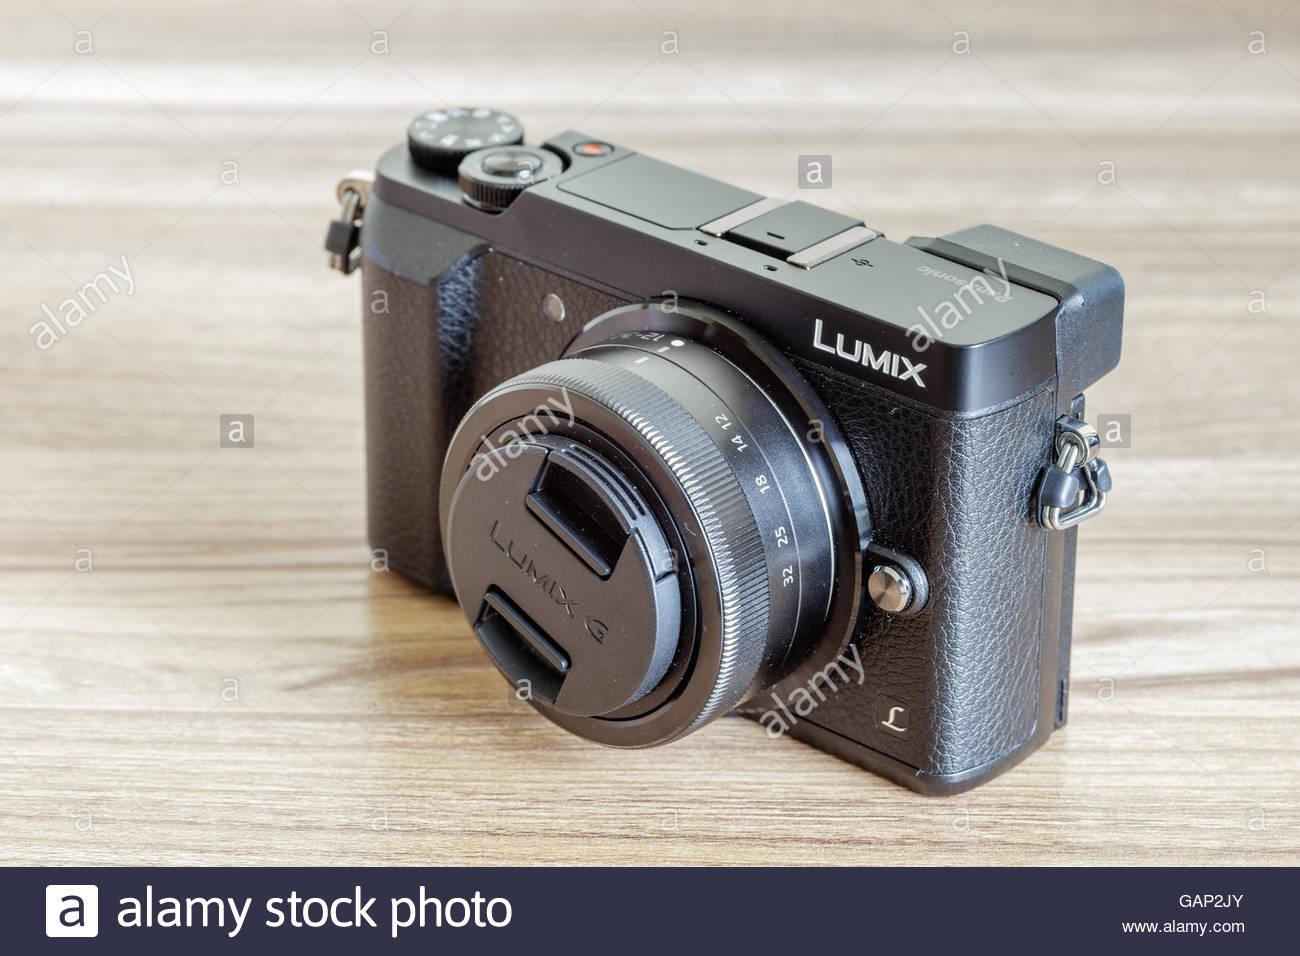 panasonic lumix gx85 - Stock Image